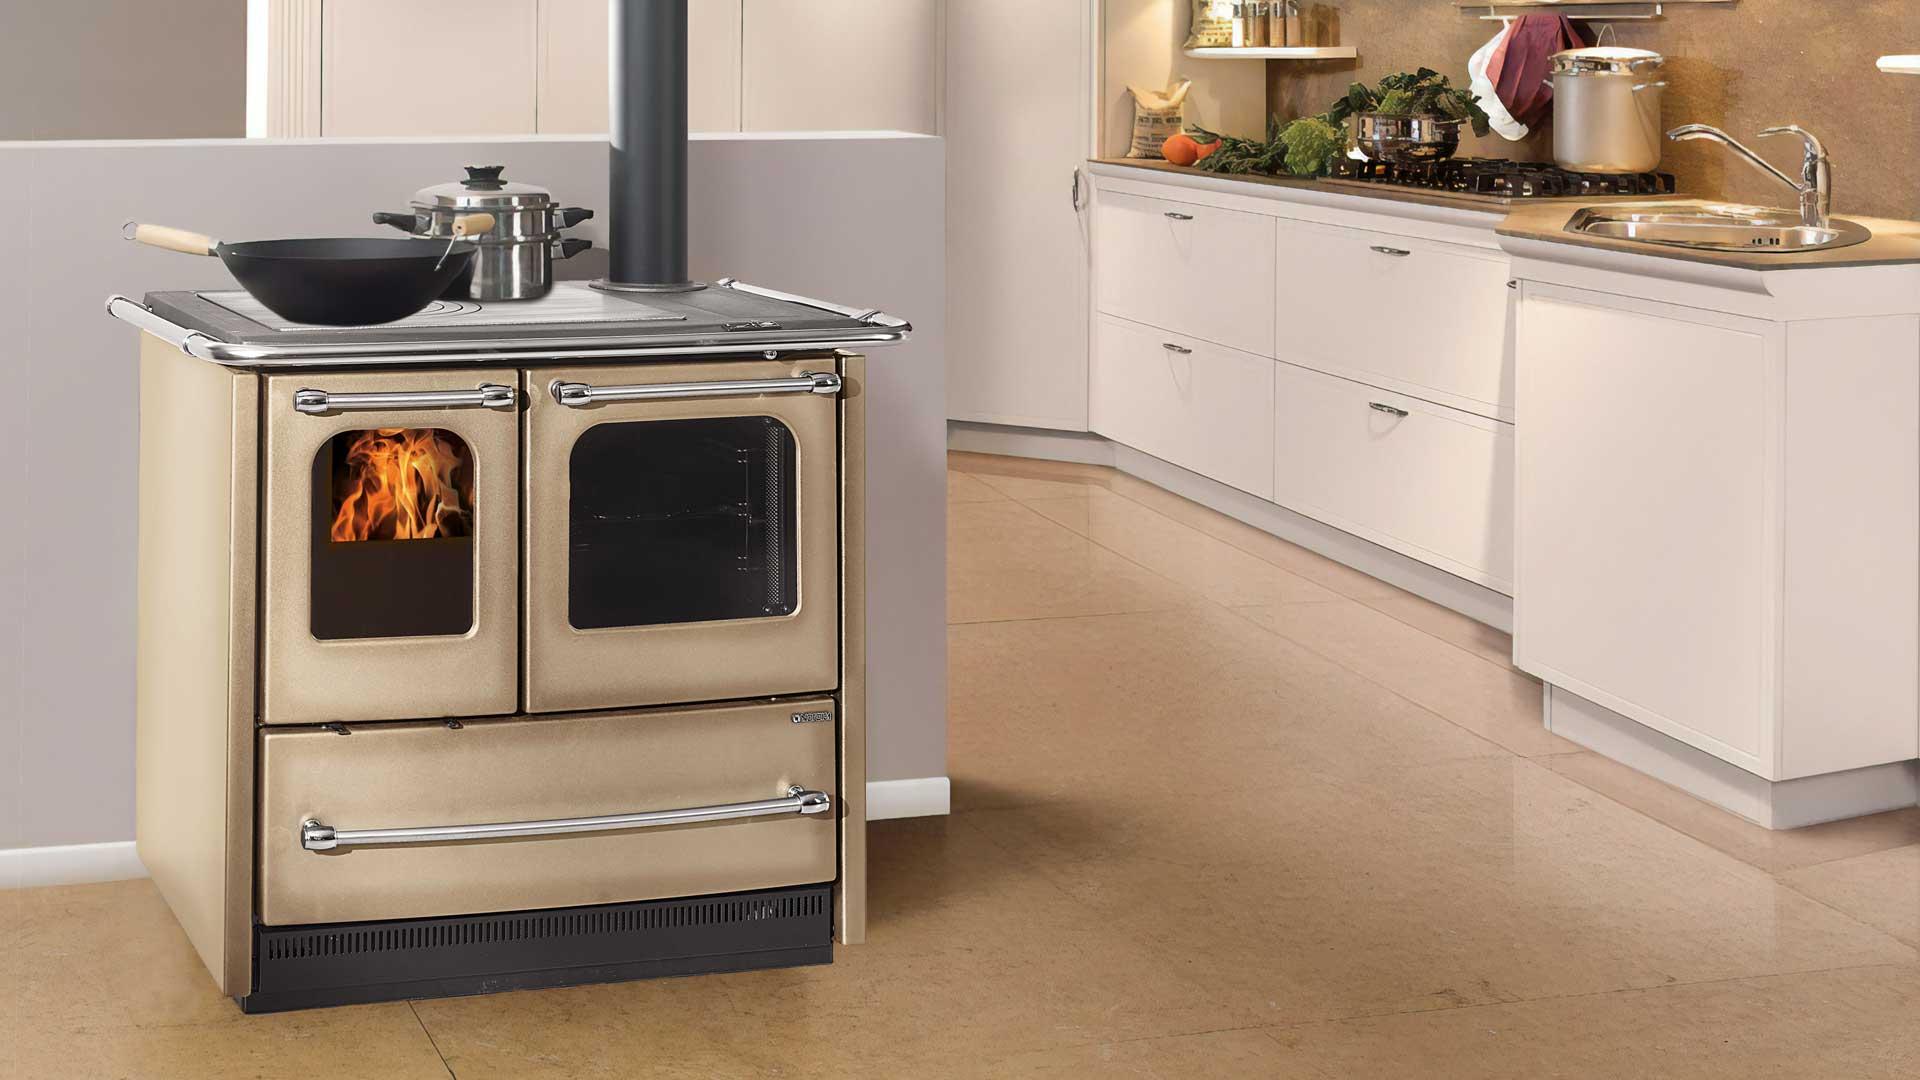 Cucina a legna Sovrana Easy - Riscaldamento - Brico OK Corigliano